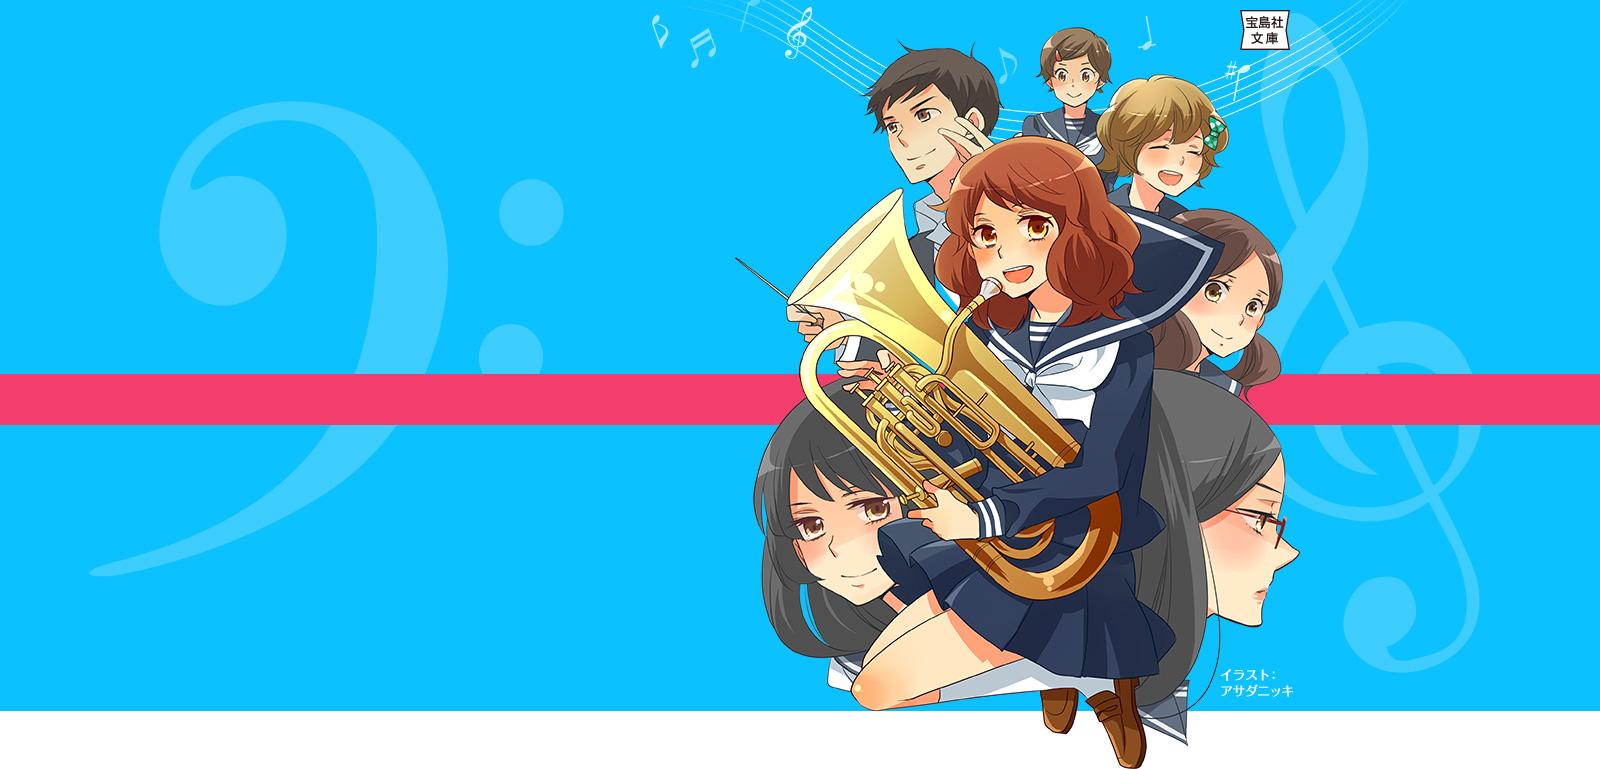 Hibike! Euphonium Kitauji Koukou Suisougaku-bu e Youkoso anime visual Haruhichan.com Sound! Euphonium anime visual